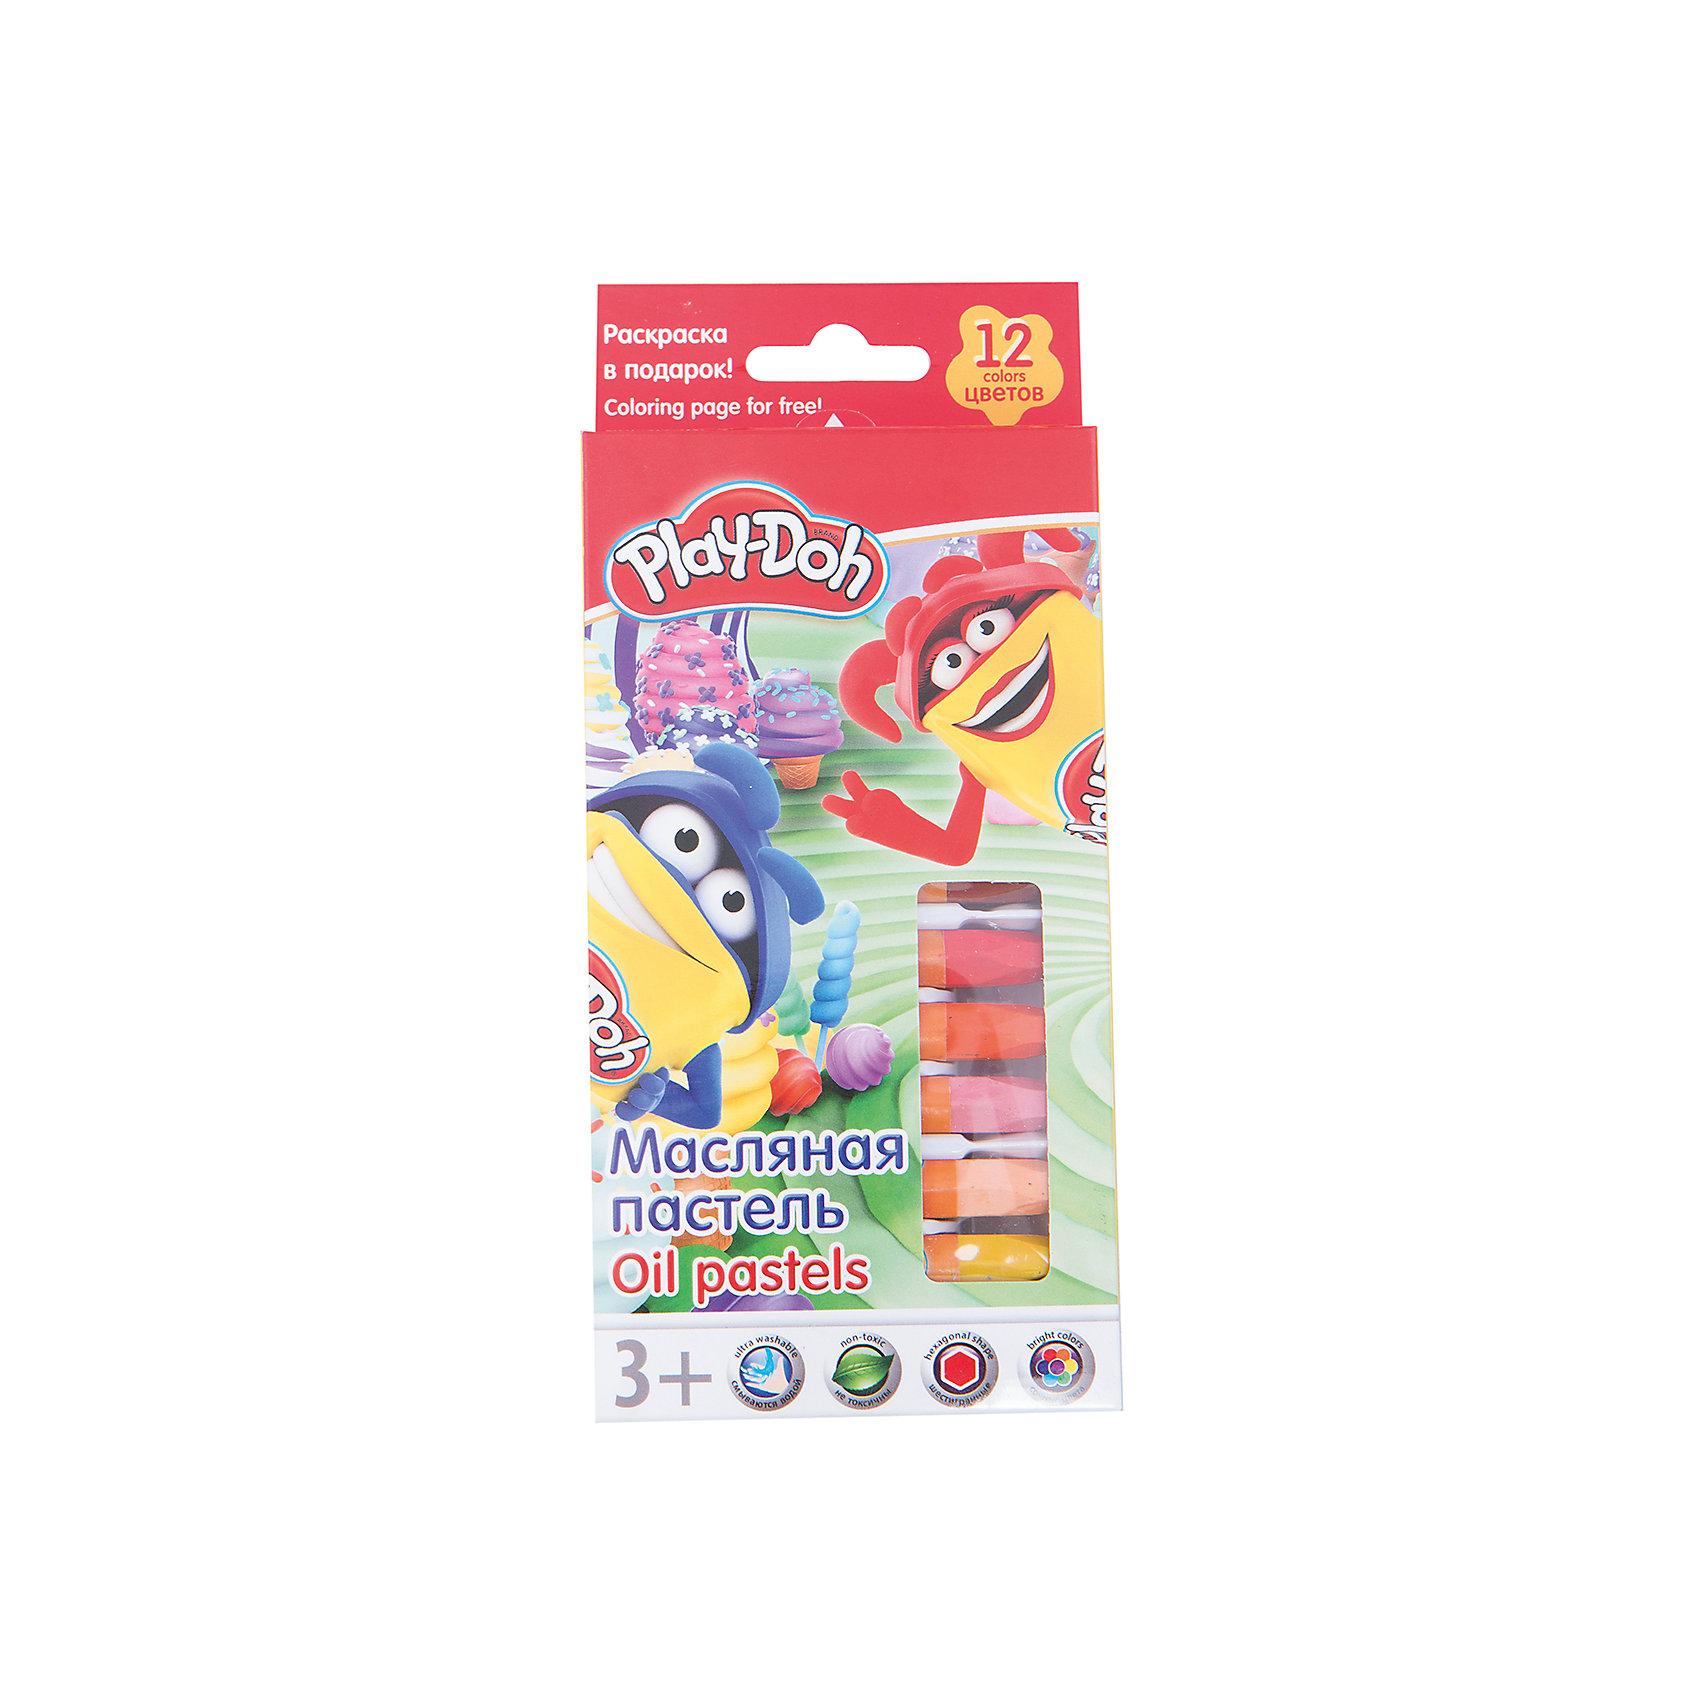 Play-Doh Масляная пастель 12 цветов в картонной коробке + 2 раскраски Размер 19,8 х 8,8 х 1,8 см.Масляные и восковые мелки<br>Характеристики товара:<br><br>• в комплекте: 12 мелков, 2 раскраски;<br>• размер мелка: 7,2х1,1 см;<br>• возраст: от 3-х лет;<br>• размер упаковки: 1,8х8,8х19,8 см;<br>• вес: 135 грамм;<br>• страна: Китай.<br><br>С масляной пастелью ребенок создаст яркие и красивые рисунки, которые станут украшением любого дома. В комплект входят 12 мелков и 2 раскраски.<br><br>Мелки имеет обертку, чтобы ребенок не испачкался во время рисования.<br><br>Пастель хорошо ложится на поверхность, оставляя мягкие штрихи.<br><br>Play-Doh (Плей До) Масляную пастель 12 цветов в картонной коробке + 2 раскраски Размер 19,8 х 8,8 х 1,8 см можно купить в нашем интернет-магазине.<br><br>Ширина мм: 198<br>Глубина мм: 88<br>Высота мм: 18<br>Вес г: 135<br>Возраст от месяцев: 36<br>Возраст до месяцев: 72<br>Пол: Унисекс<br>Возраст: Детский<br>SKU: 6892444